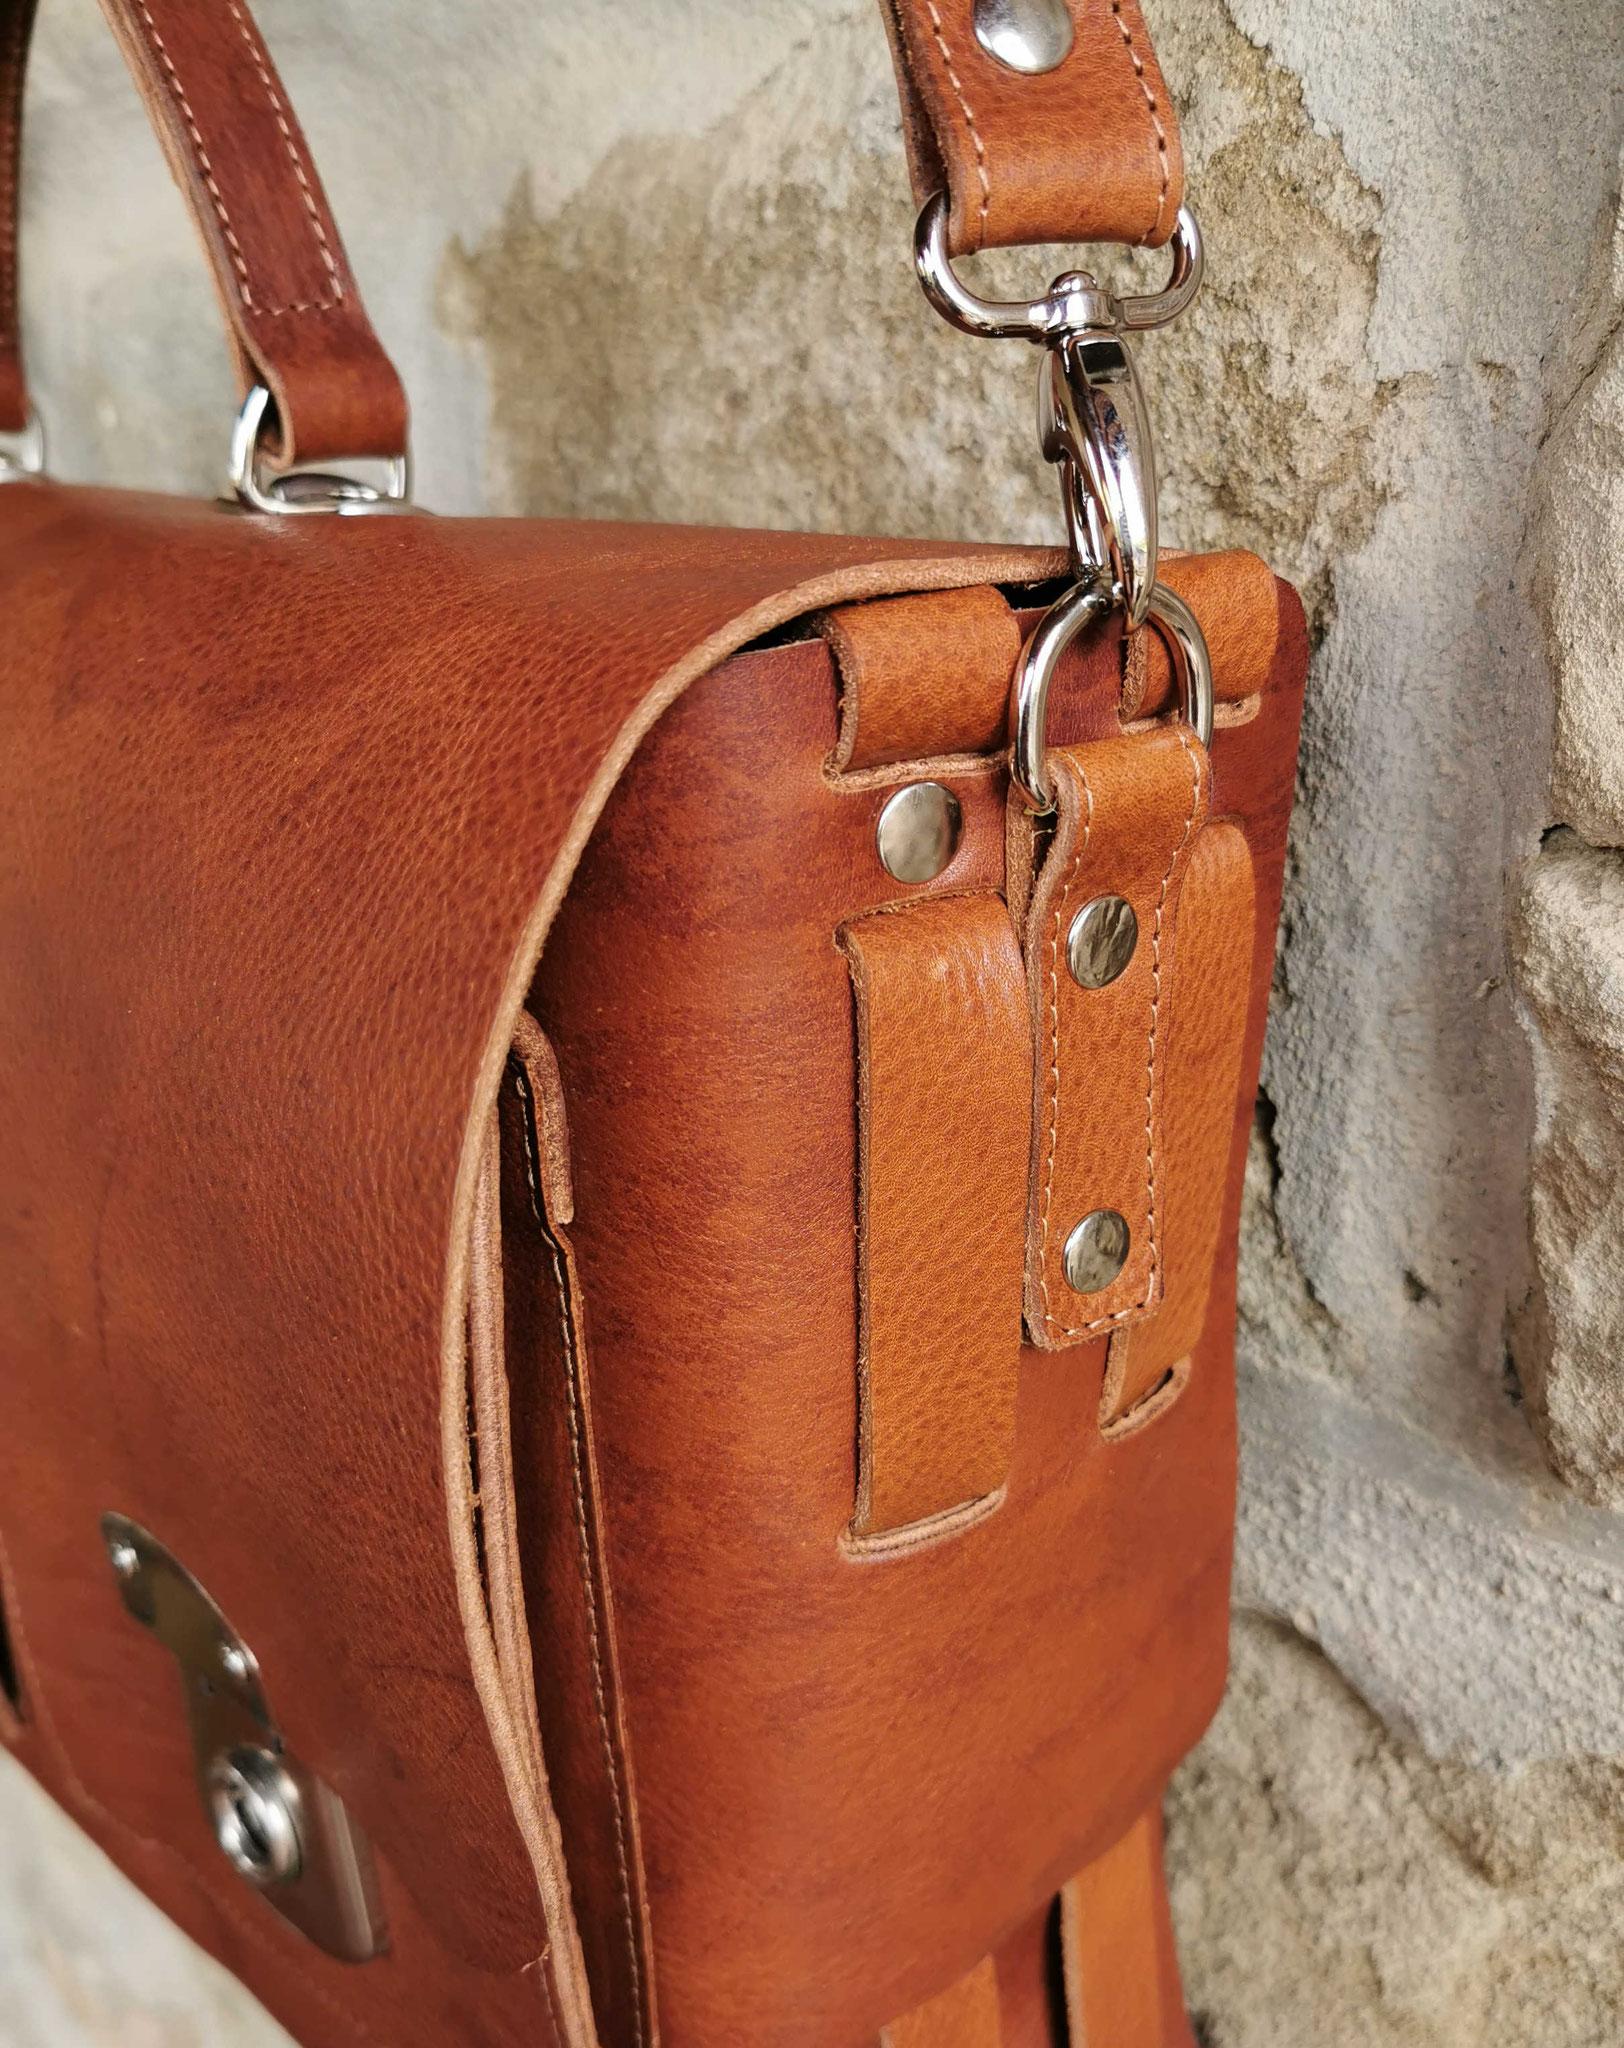 borsa in cuoio marrone